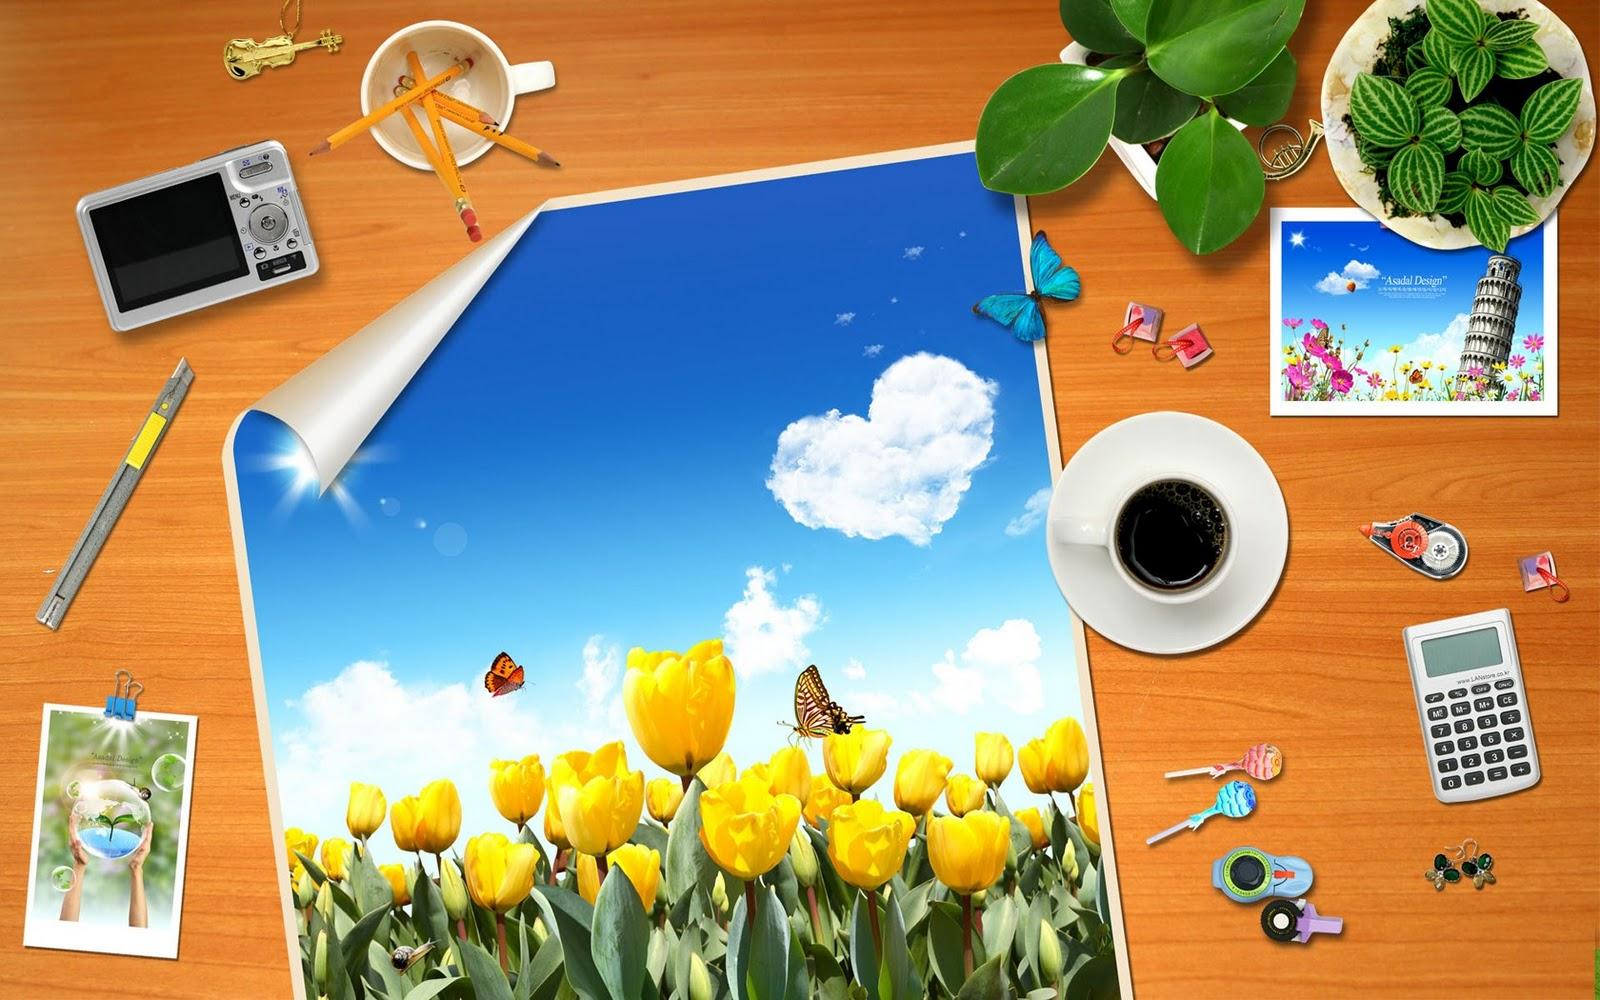 http://3.bp.blogspot.com/_RAlP3BmEW1Q/TQX7L6rLbaI/AAAAAAAACSA/vcz8WdzitB8/s1600/The-best-top-spring-desktop-wallpapers-13.jpg